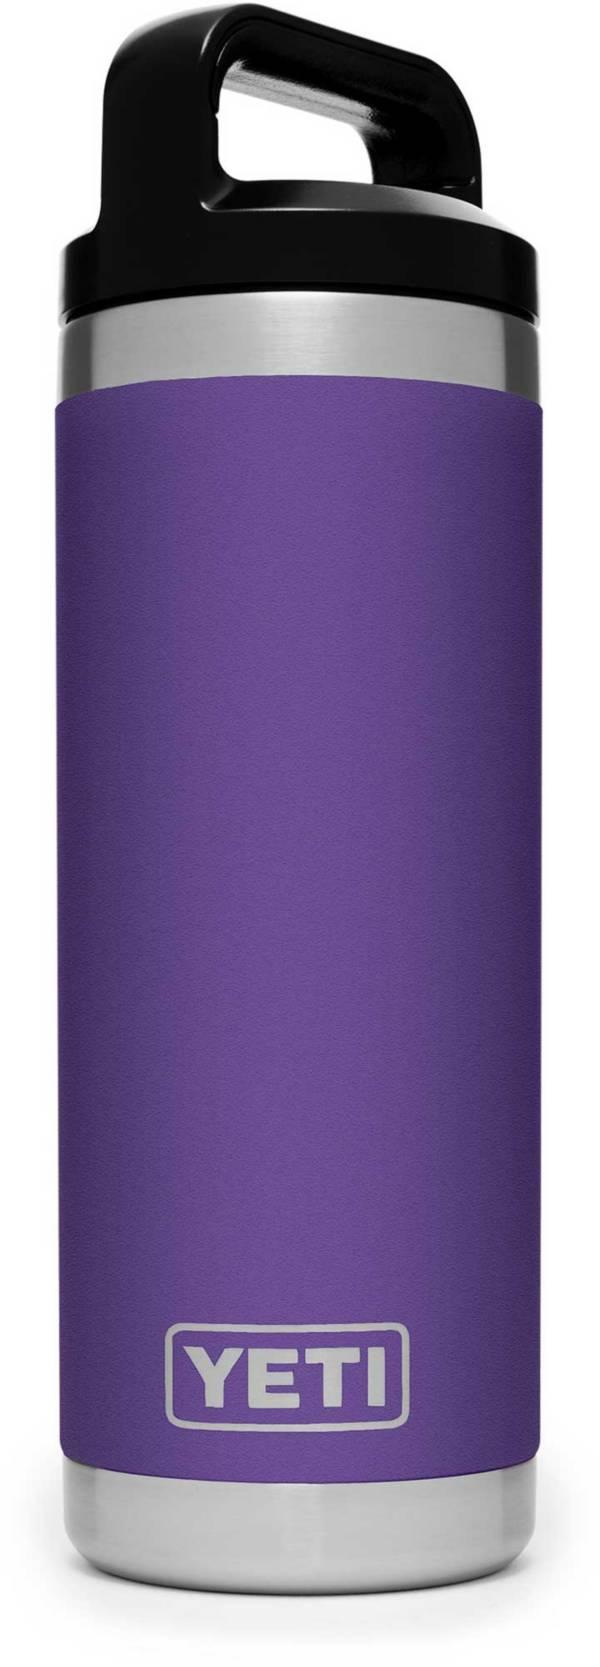 YETI 18 oz. Rambler Bottle product image